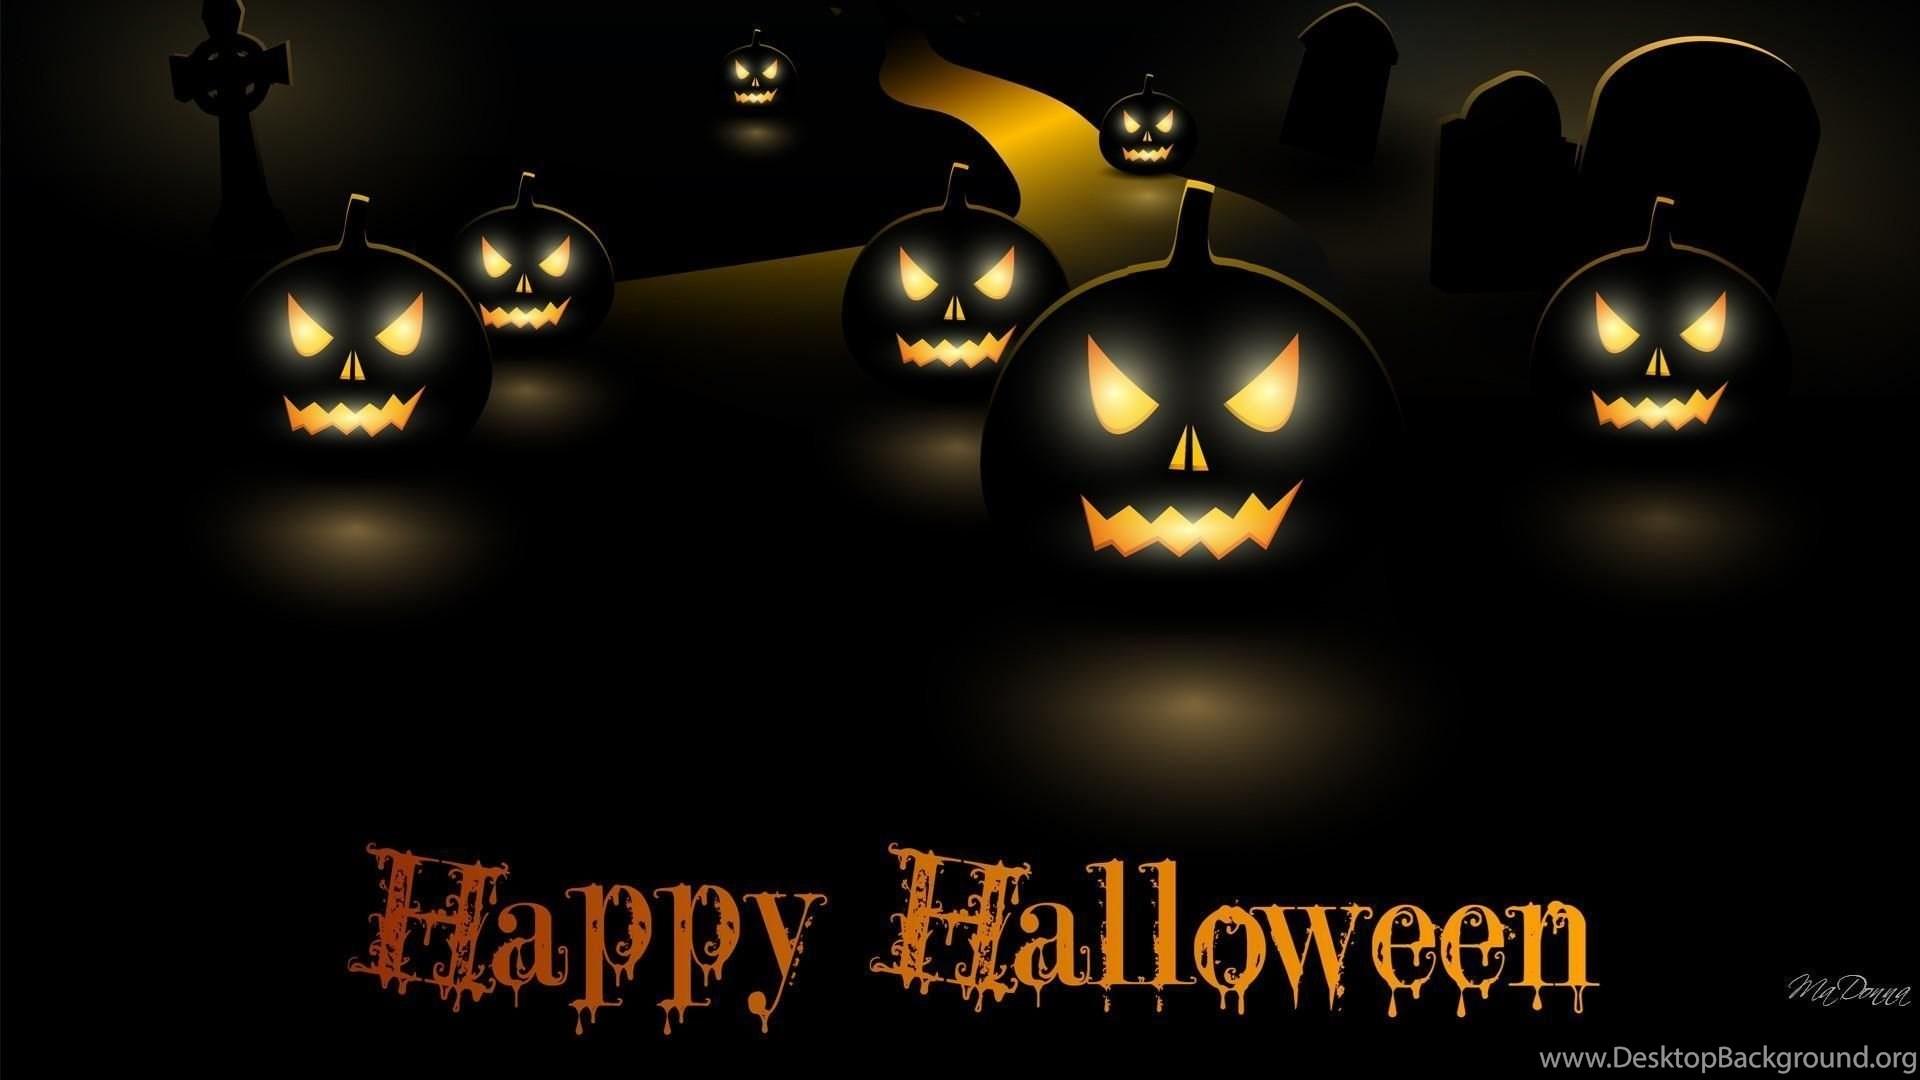 Картинка с надписью хэллоуин, картинки поздравлениями прикольные